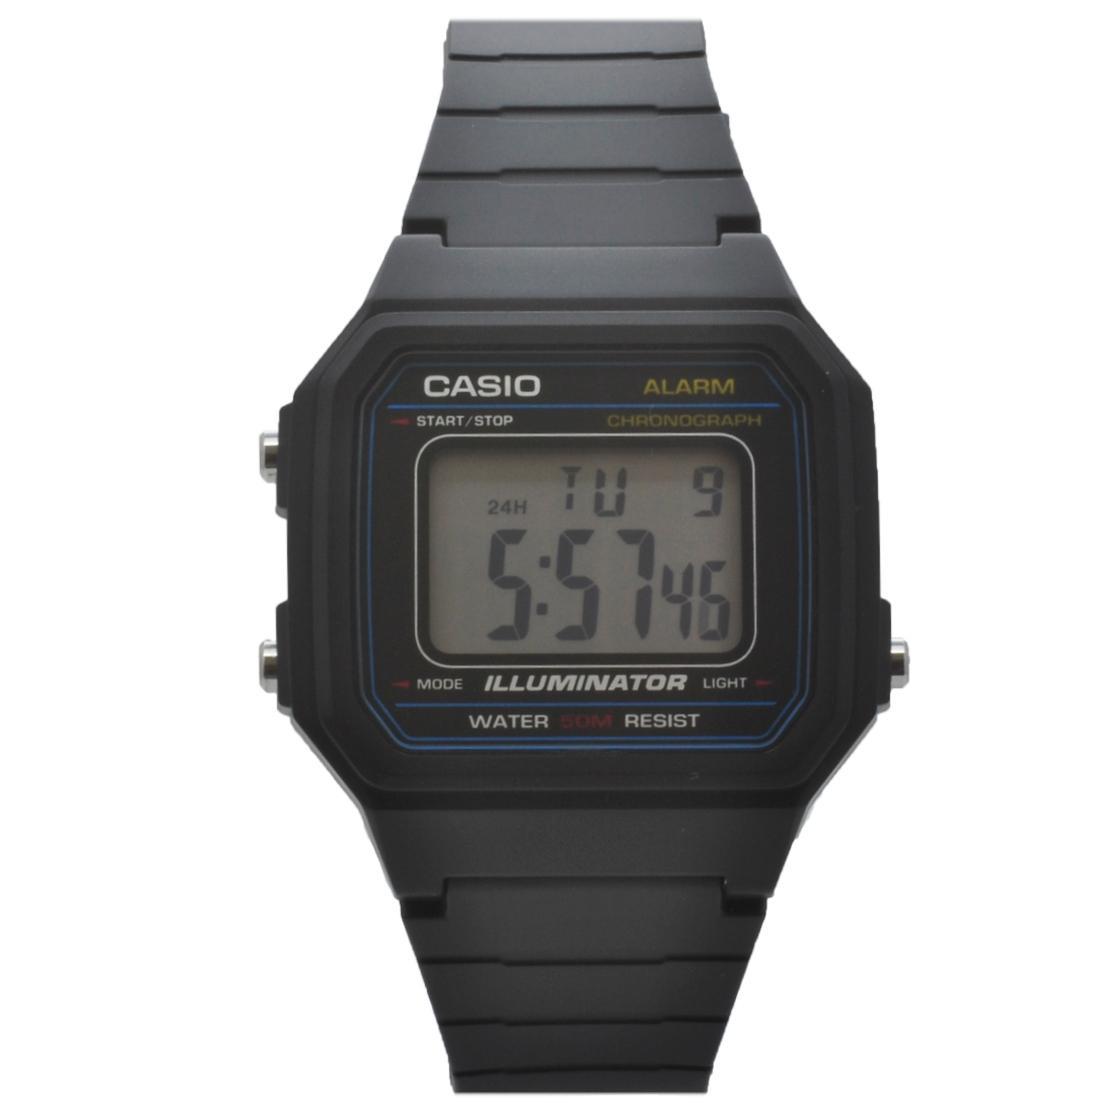 69f7ba80264 Relógio de Pulso Casio Vintage Unissex W-217H-1AVDF - Preto R  174